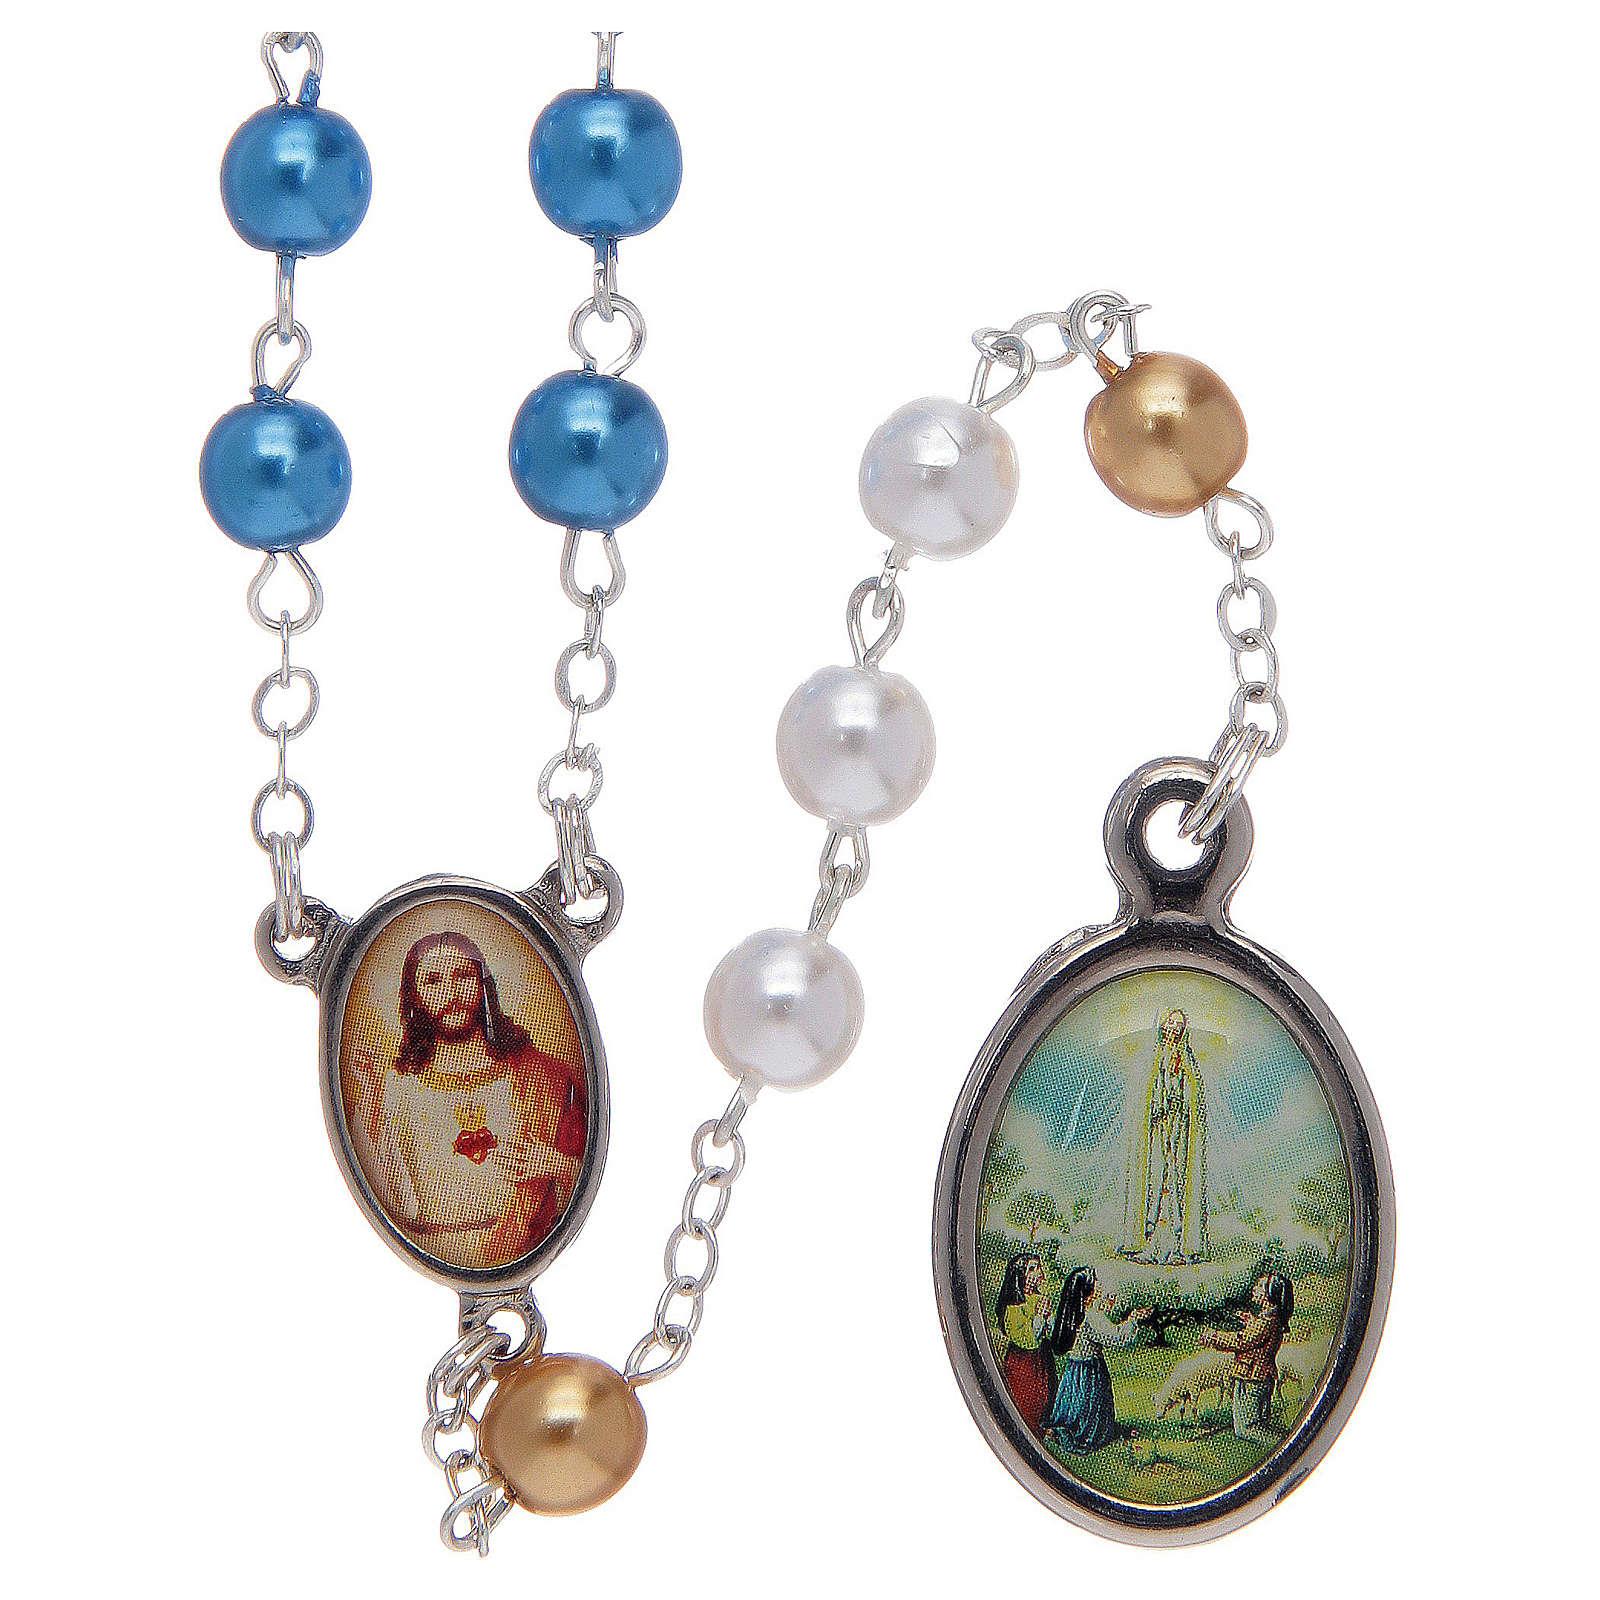 Rosenkranz aus Kunstperlen 100-jähriges Jubiläum der Marienerscheinungen in Fatima 4